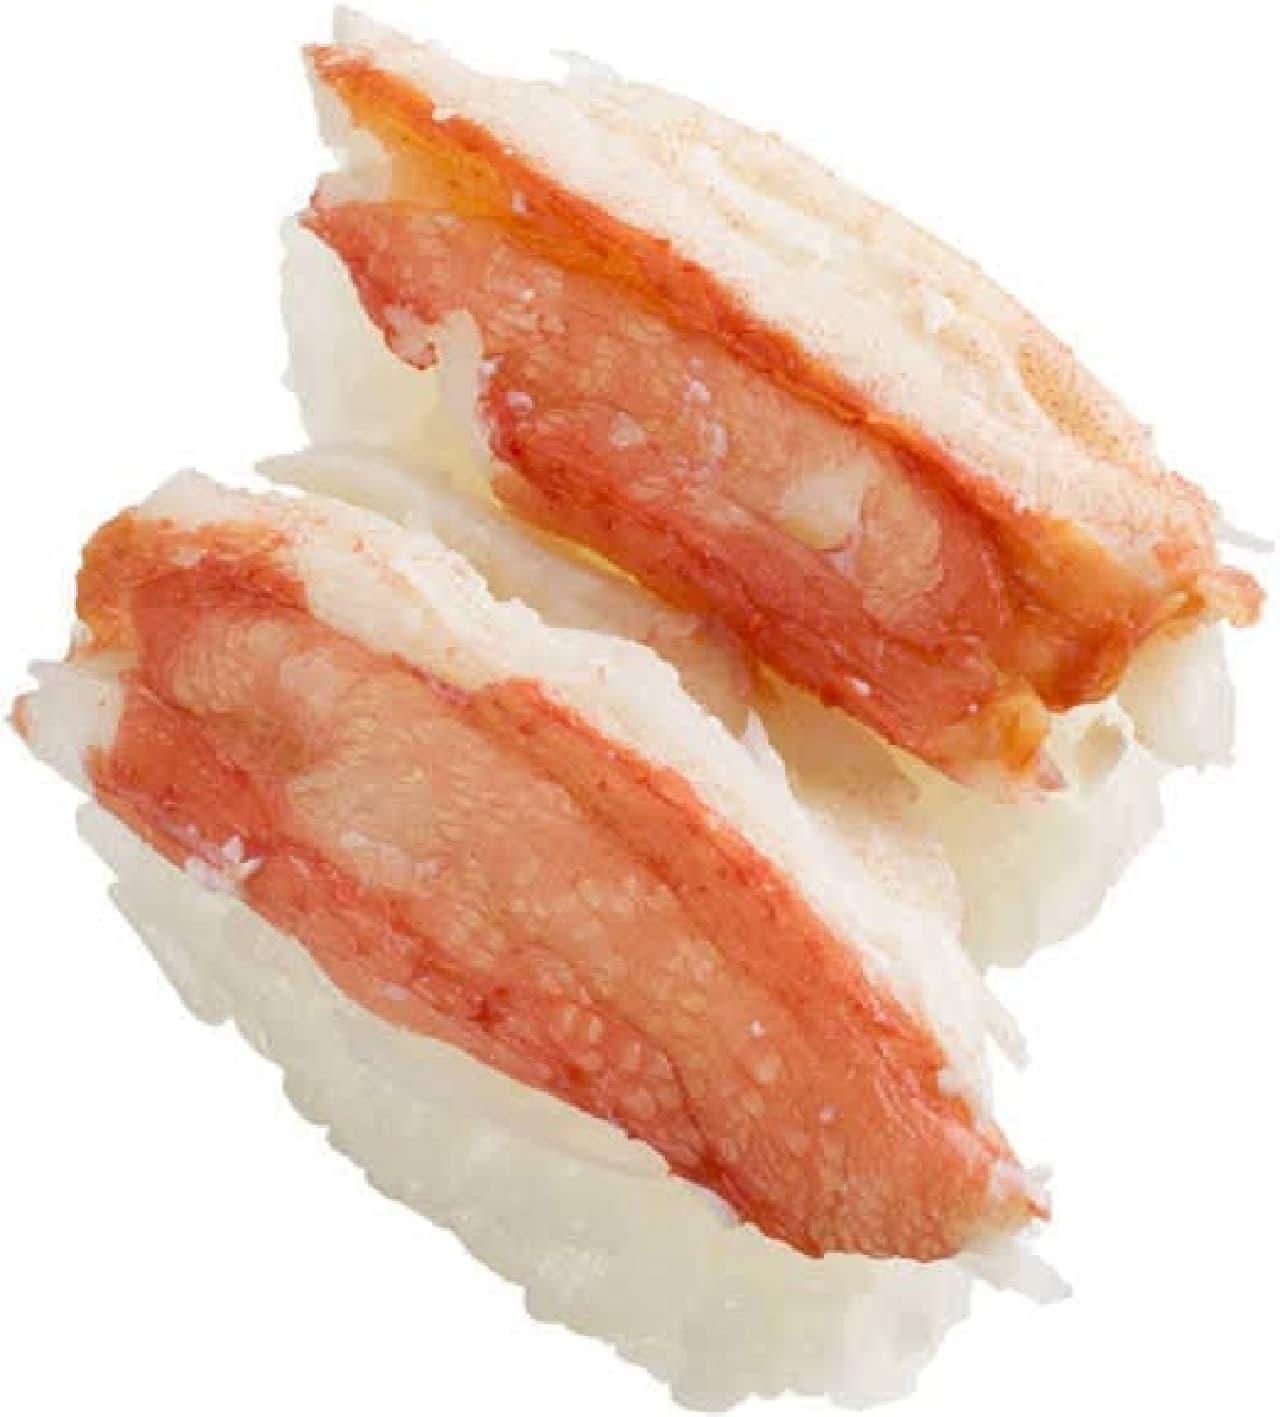 ボイル本ずわい蟹2貫は素材本来の旨みが存分に楽しめるメニュー